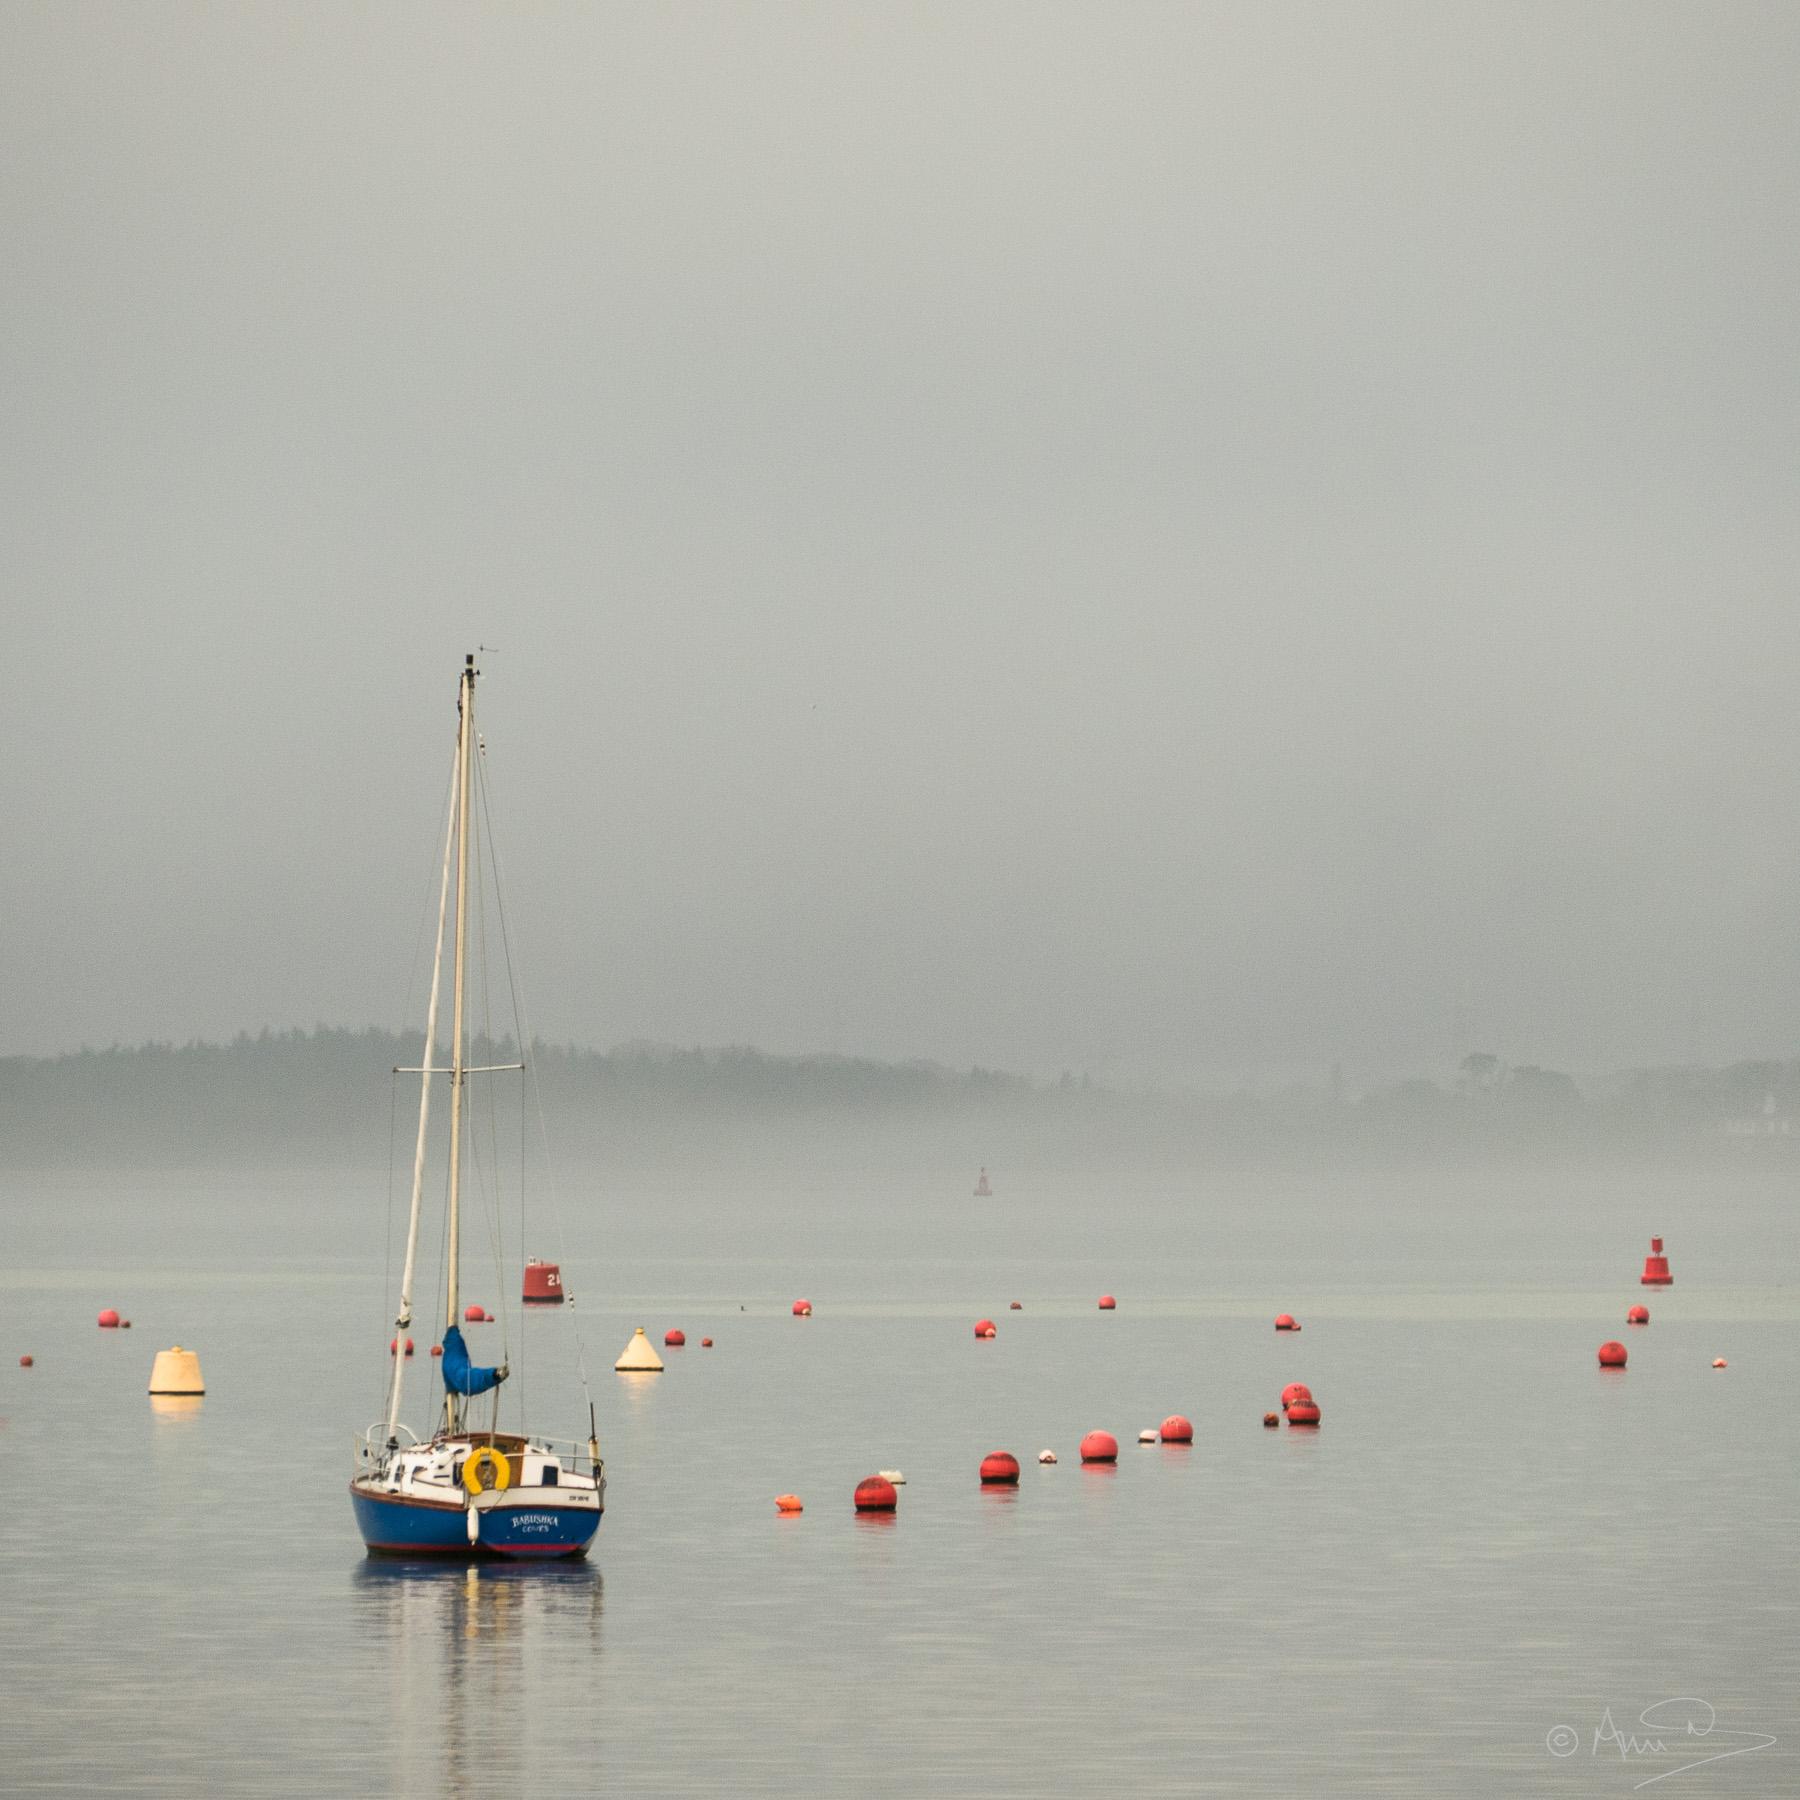 Babushka in the mist